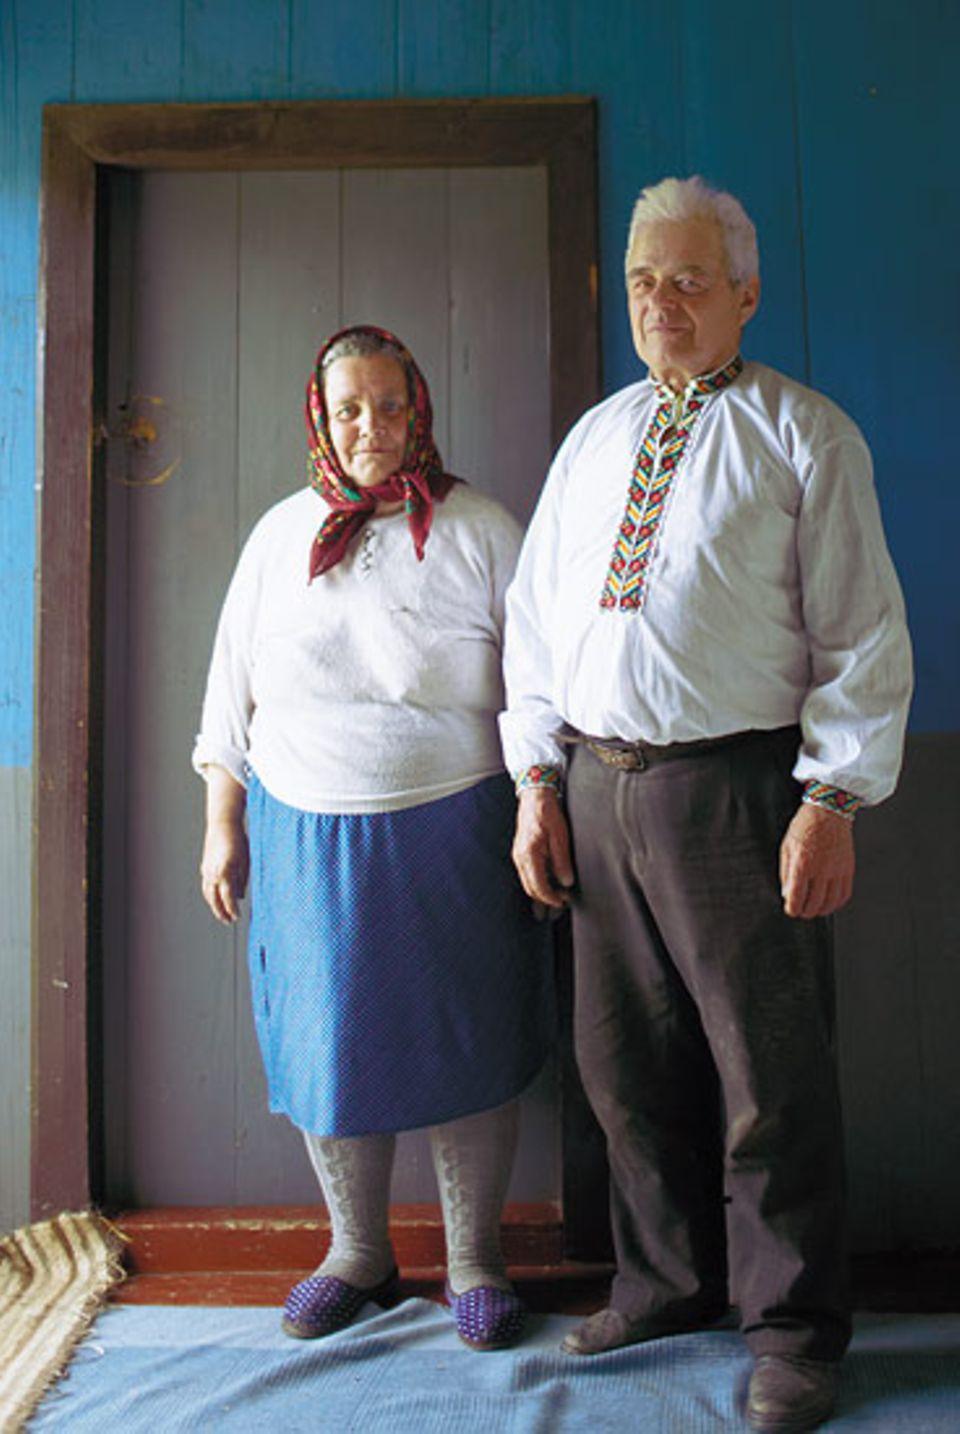 Jenseits aller Straßen lebt das Ehepaar Tafitschuk, Oberhaupt einer Großfamilie. Ein Auto besitzt hier ohnehin niemand, die Dinge des täglichen Bedarfs werden von Hand gefertigt, man erntet, schlachtet und baut an